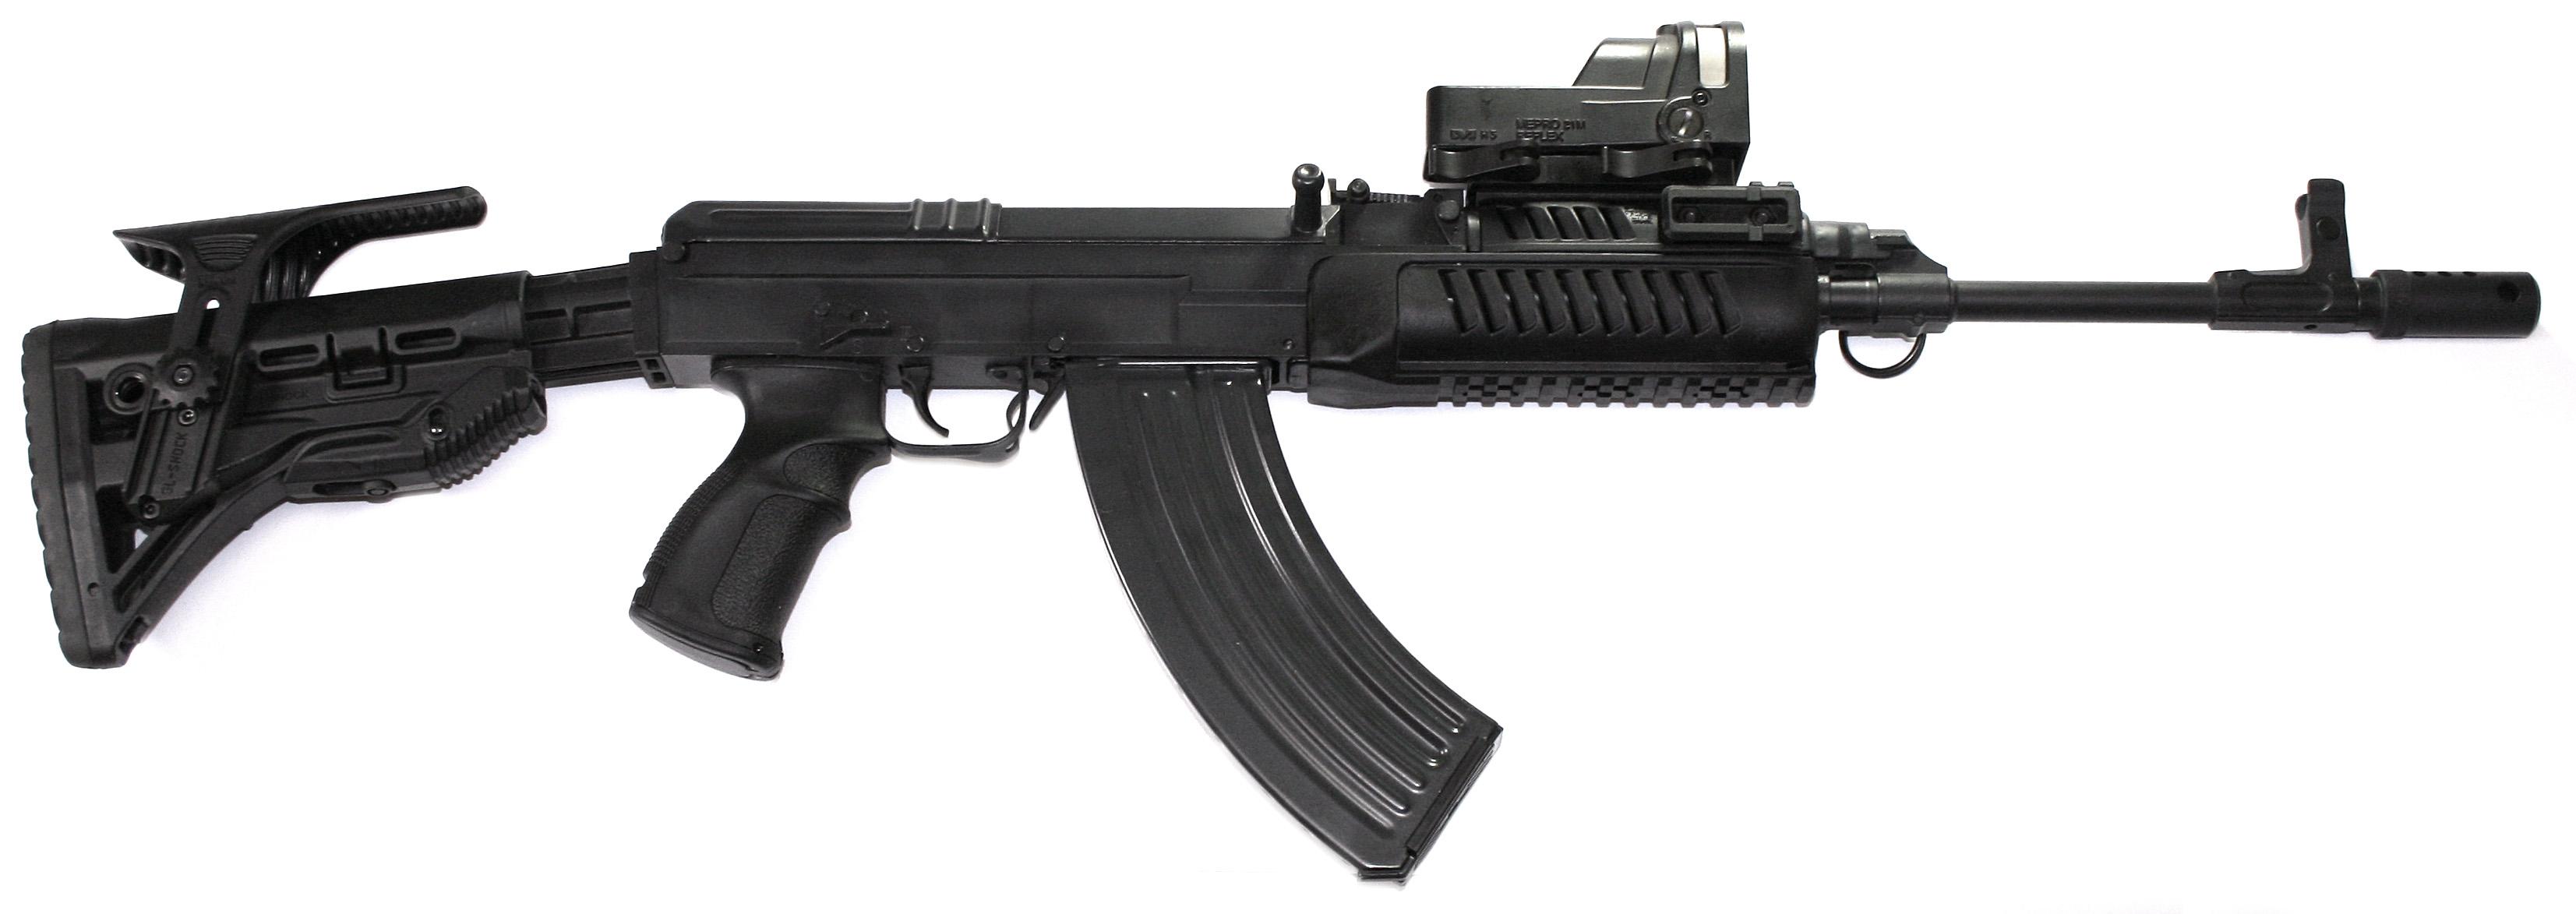 اكبر و اوثق موسوعة للجيش العراقي على الانترنت Gl-shock-vz-58